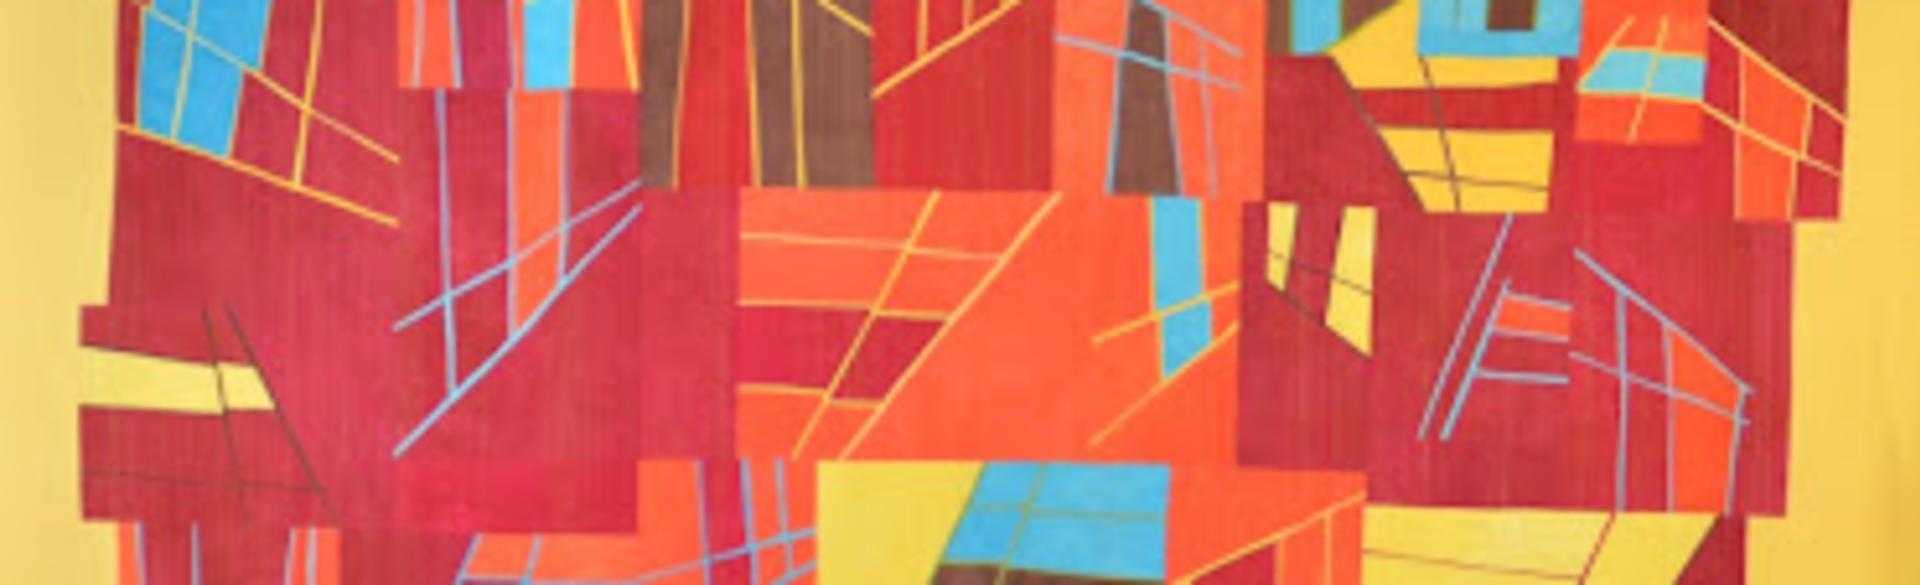 ArtPrize 2012 Rooflines 6